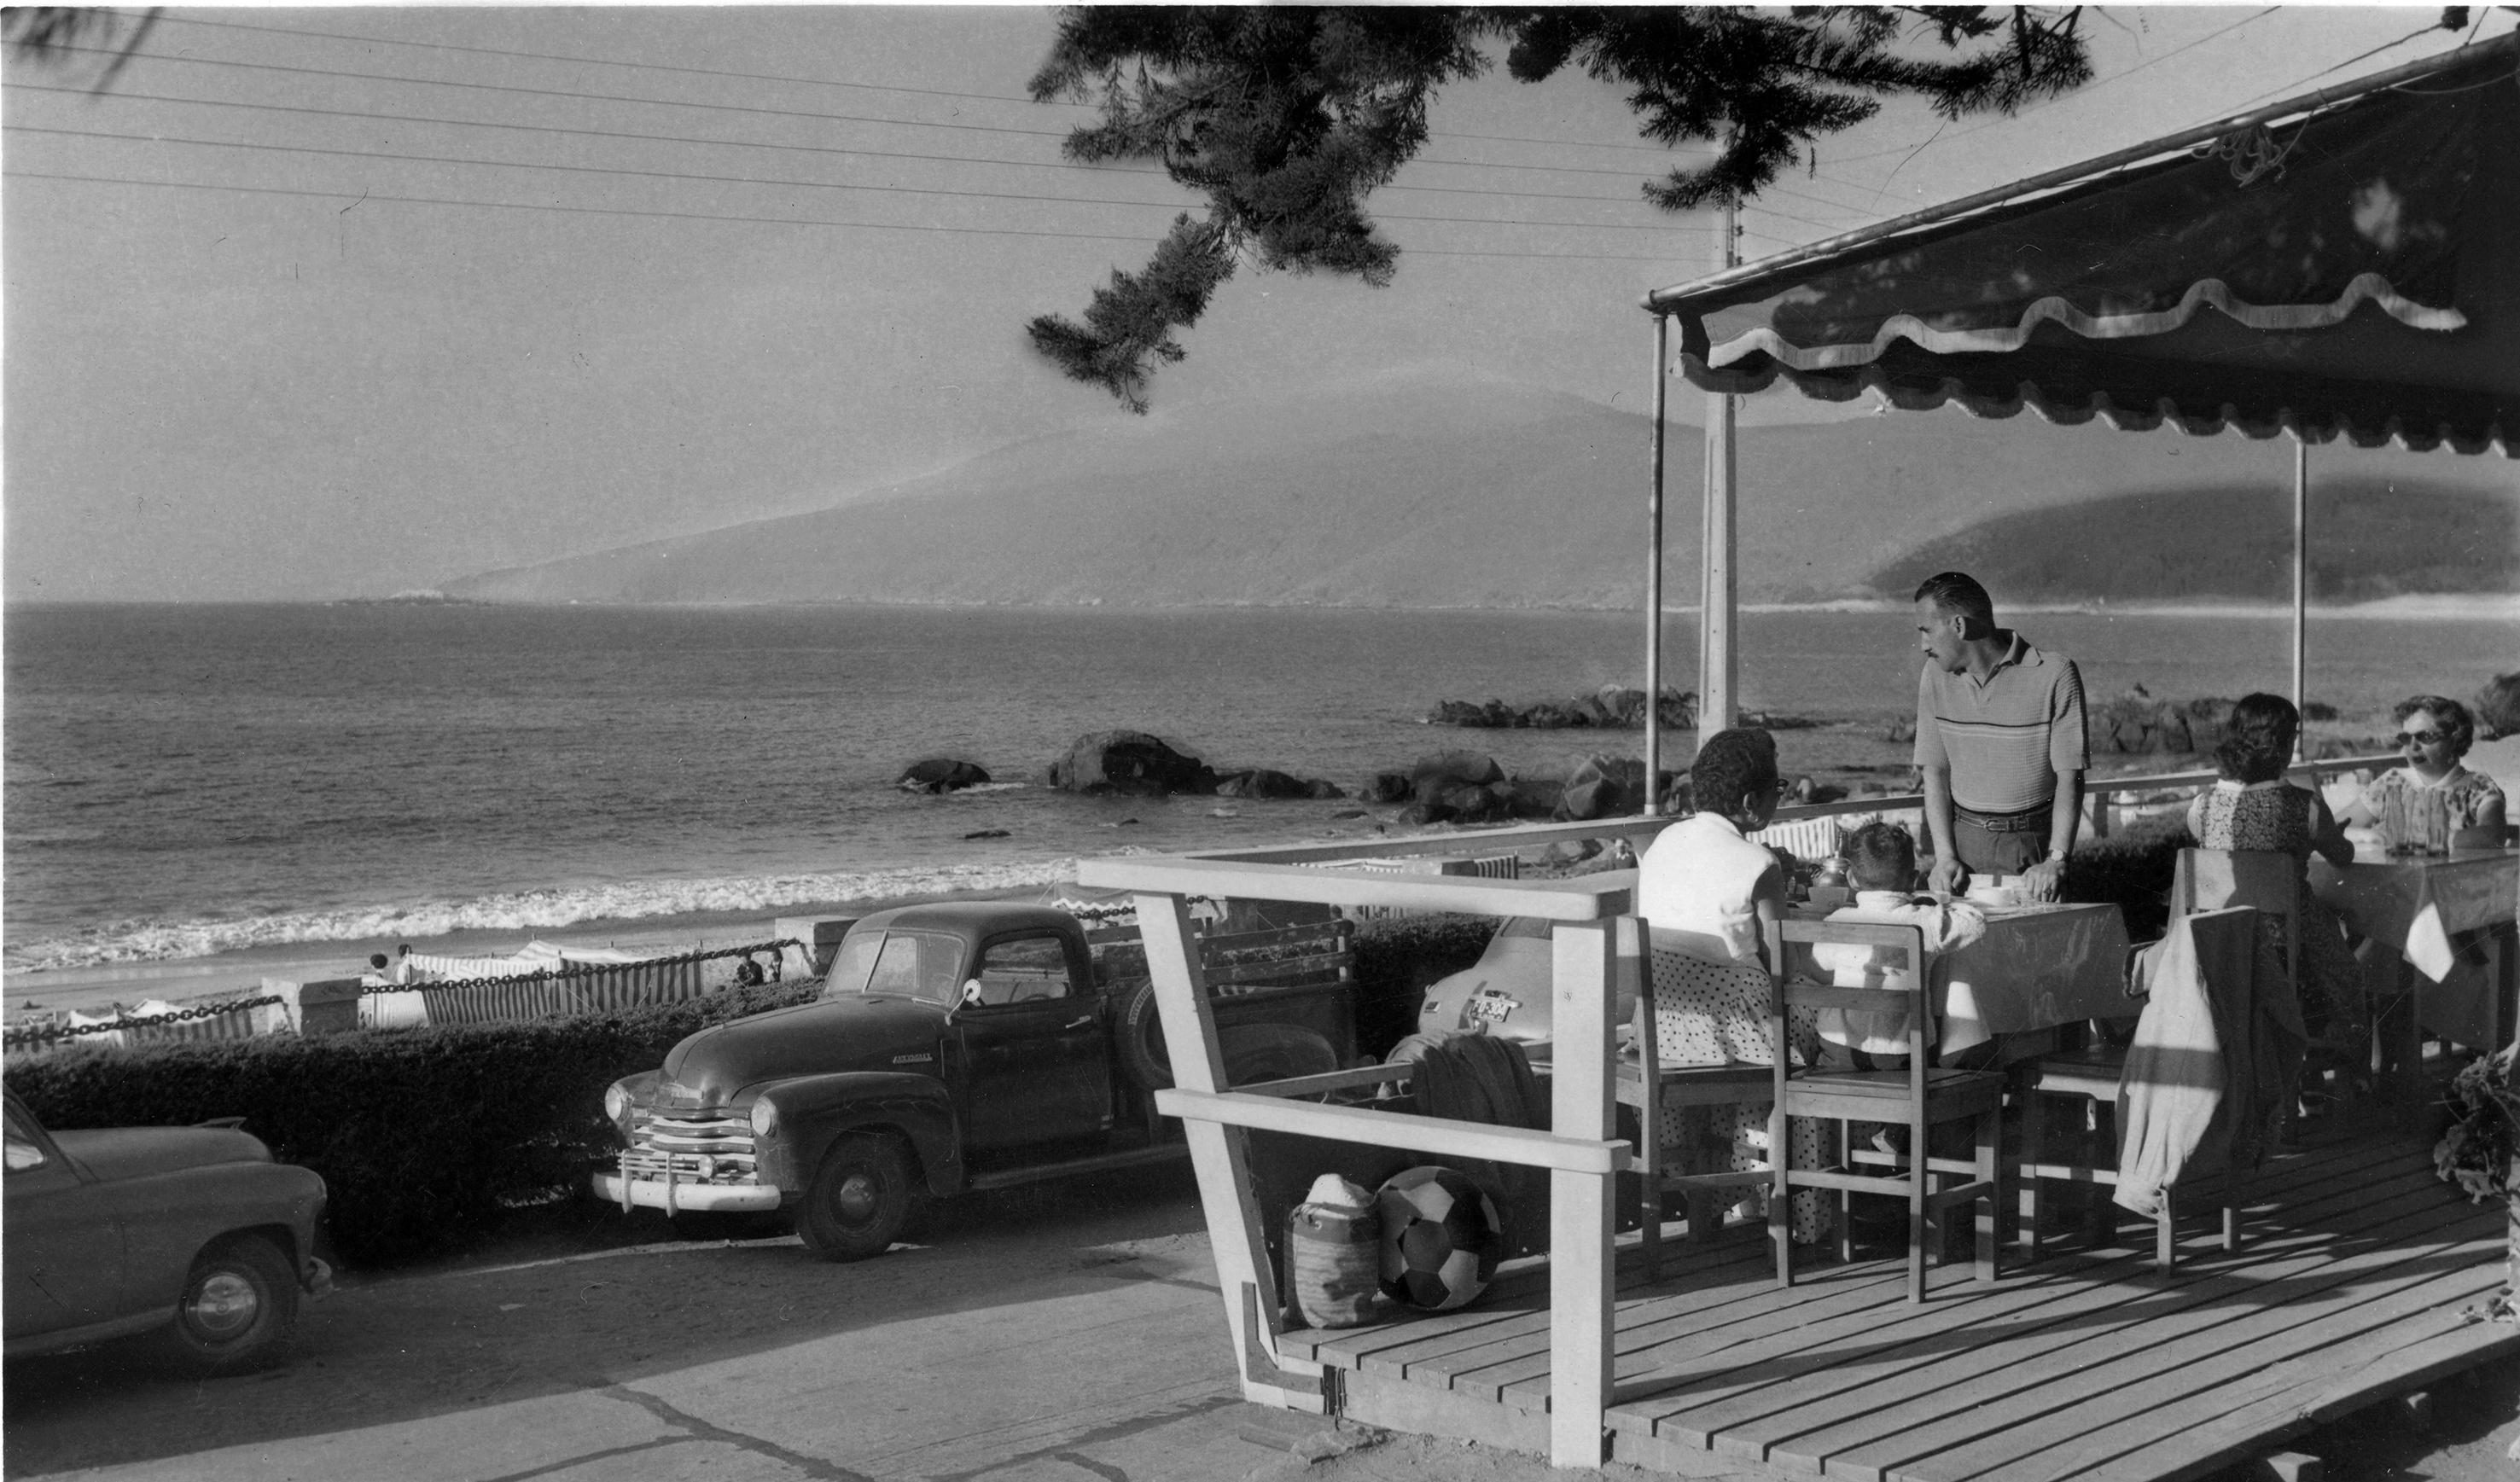 Enterreno - Fotos históricas de chile - fotos antiguas de Chile - Almuerzo en Papudo en 1950